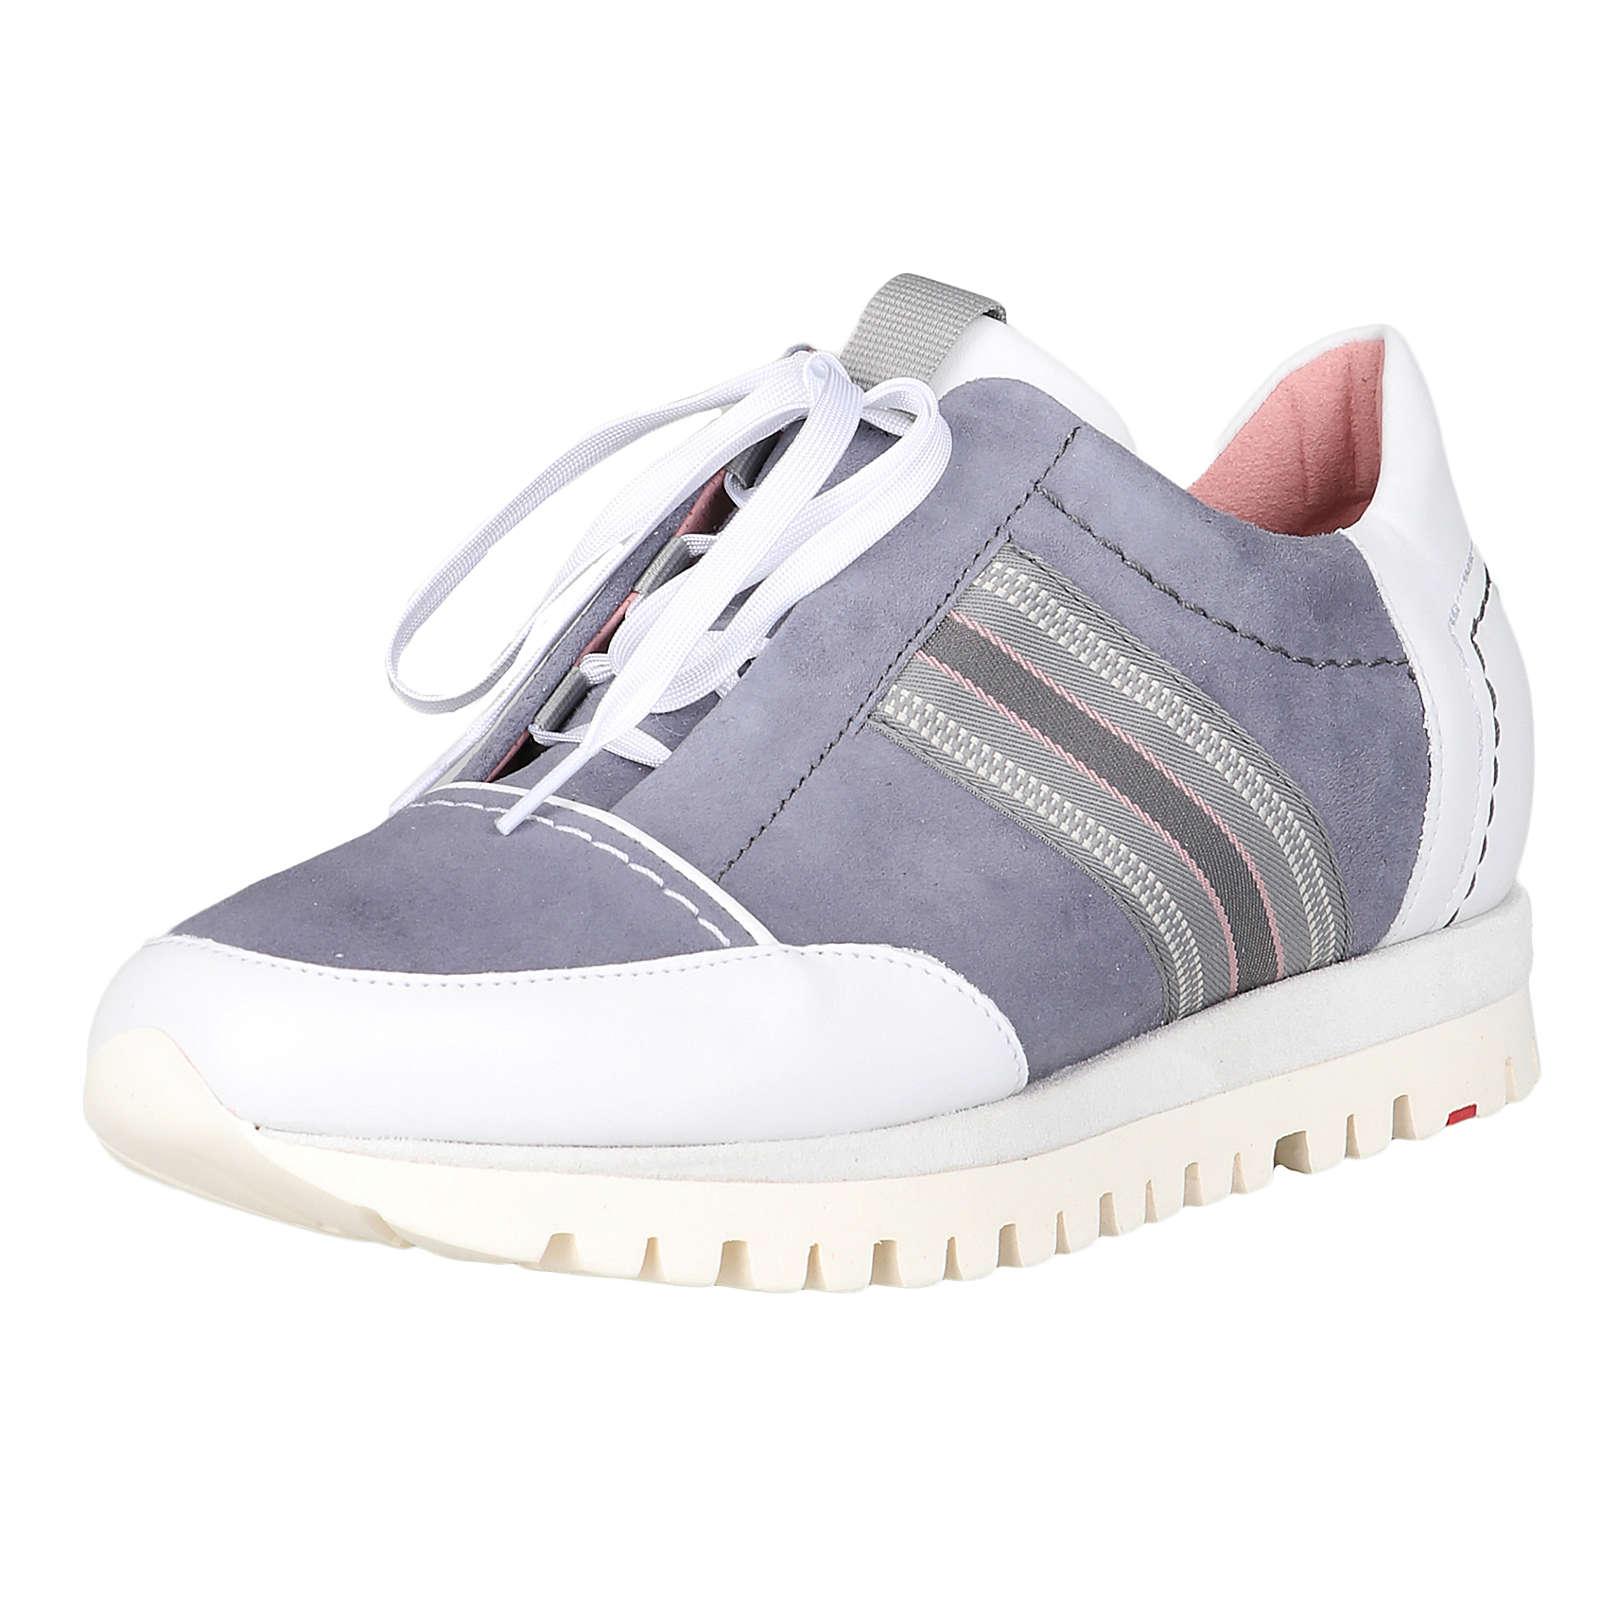 Artikel klicken und genauer betrachten! - Bequemer als dieser Sneaker der Schuhspezialisten von LLOYD geht es nicht. Die extraleichte Profilsohle hält Sie in der Spur, während die herausnehmbare Sohle die Freiheit lässt, eine eigene einzusetzen. Optisch lässt sich der Schuh in Pastellfarben und Streifenapplikation zu diversen Frühlings- und Sommeroutfits stylen. Egal ob zur Caprihose oder zum Sommerkleid!   im Online Shop kaufen